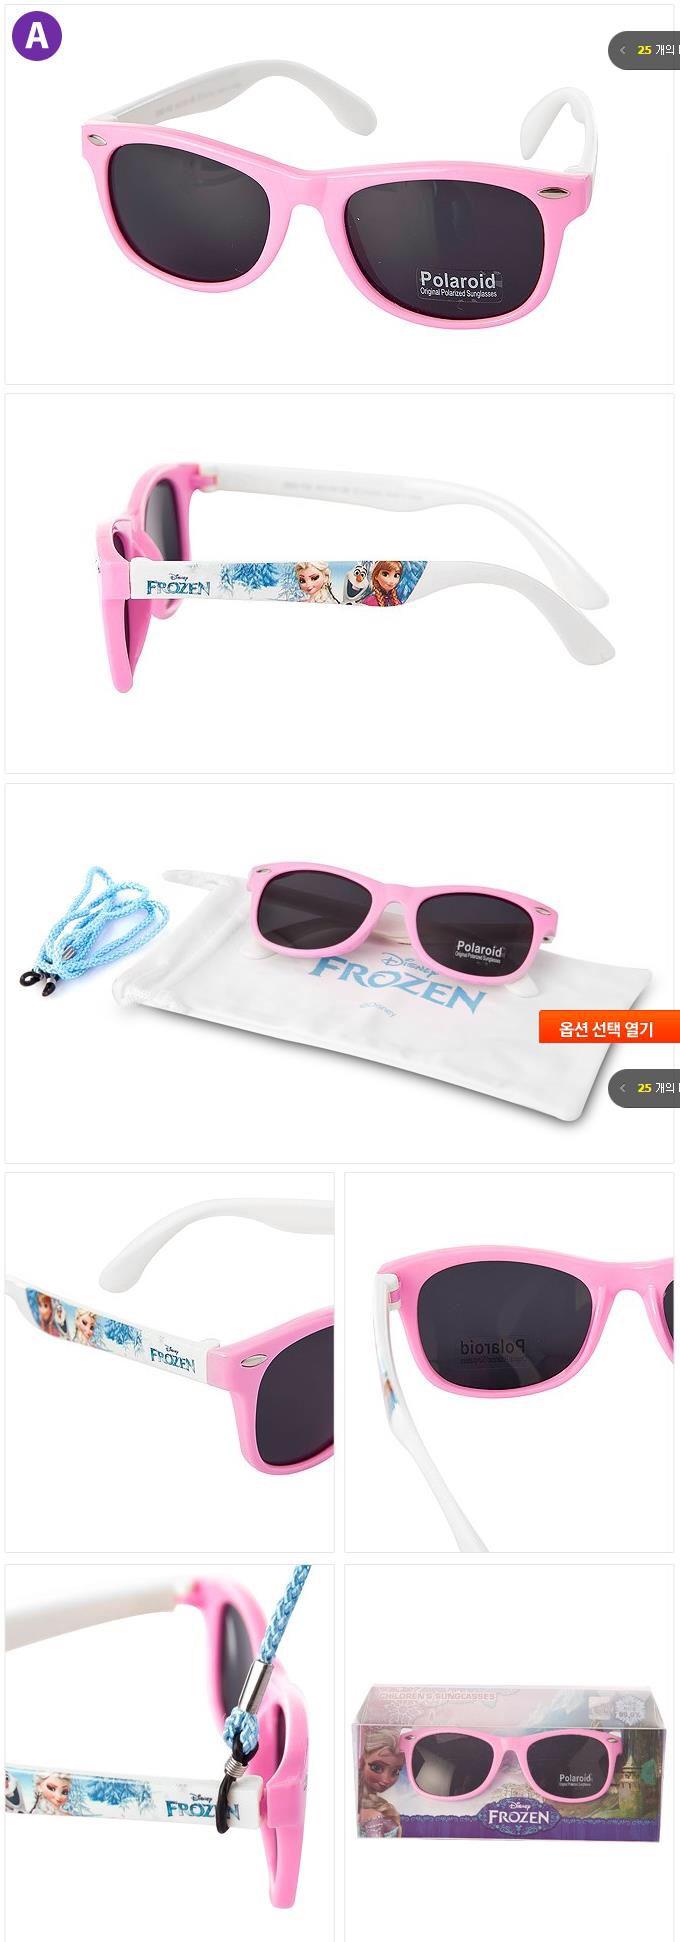 디즈니 겨울왕국 어린이 Kids 선글라스 - Frozen 키즈 유아동 sunglasses TPE 신소재